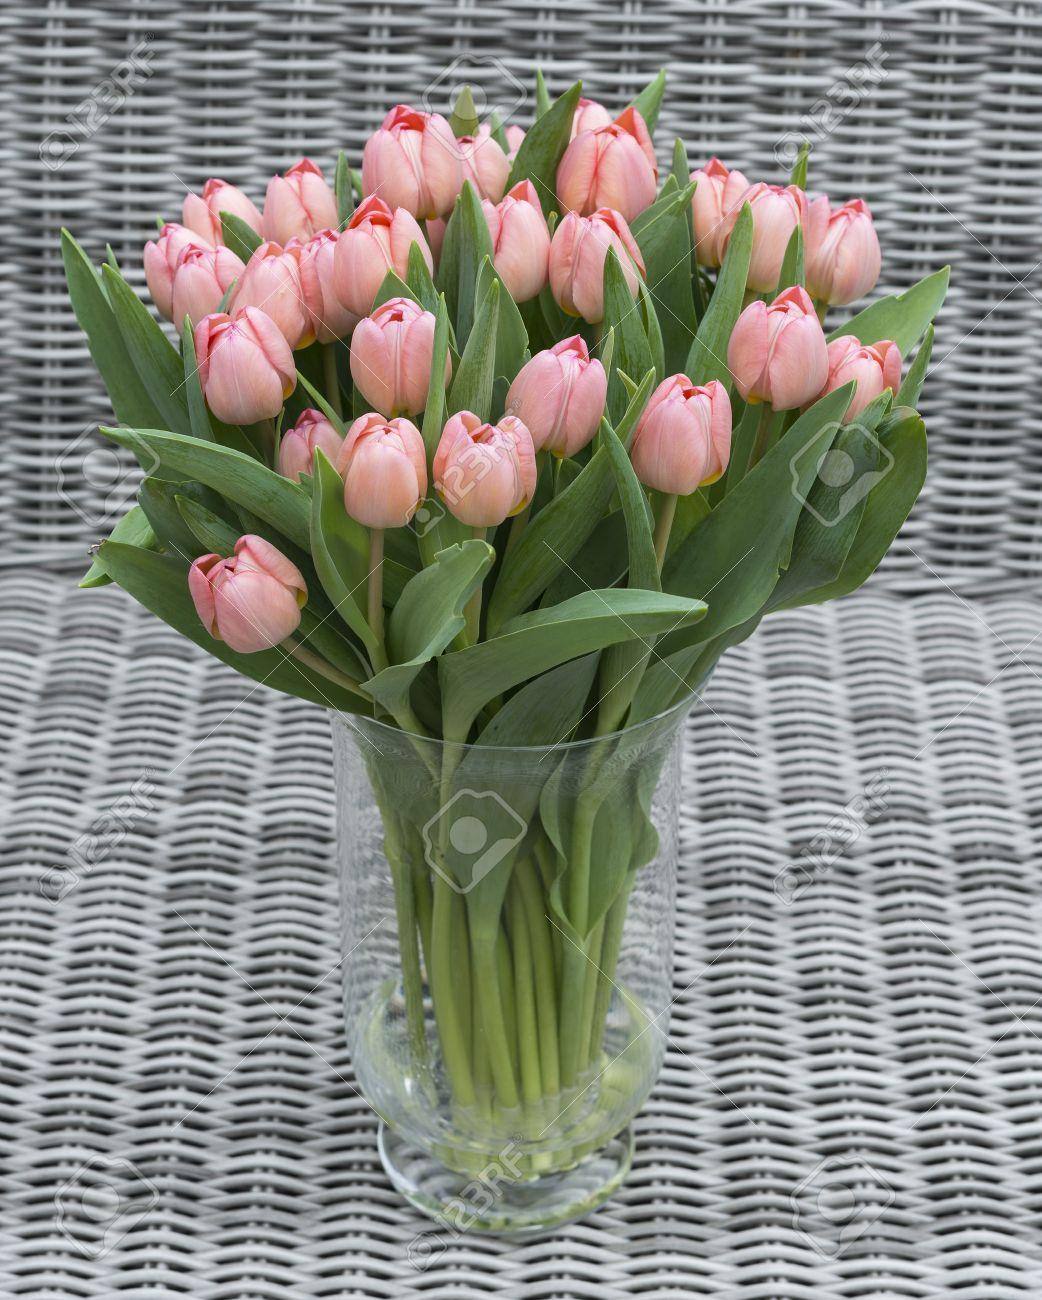 Vase Mit Rosa Tulpe Blumen Fur Muttertag Auf Bambus Hintergrund